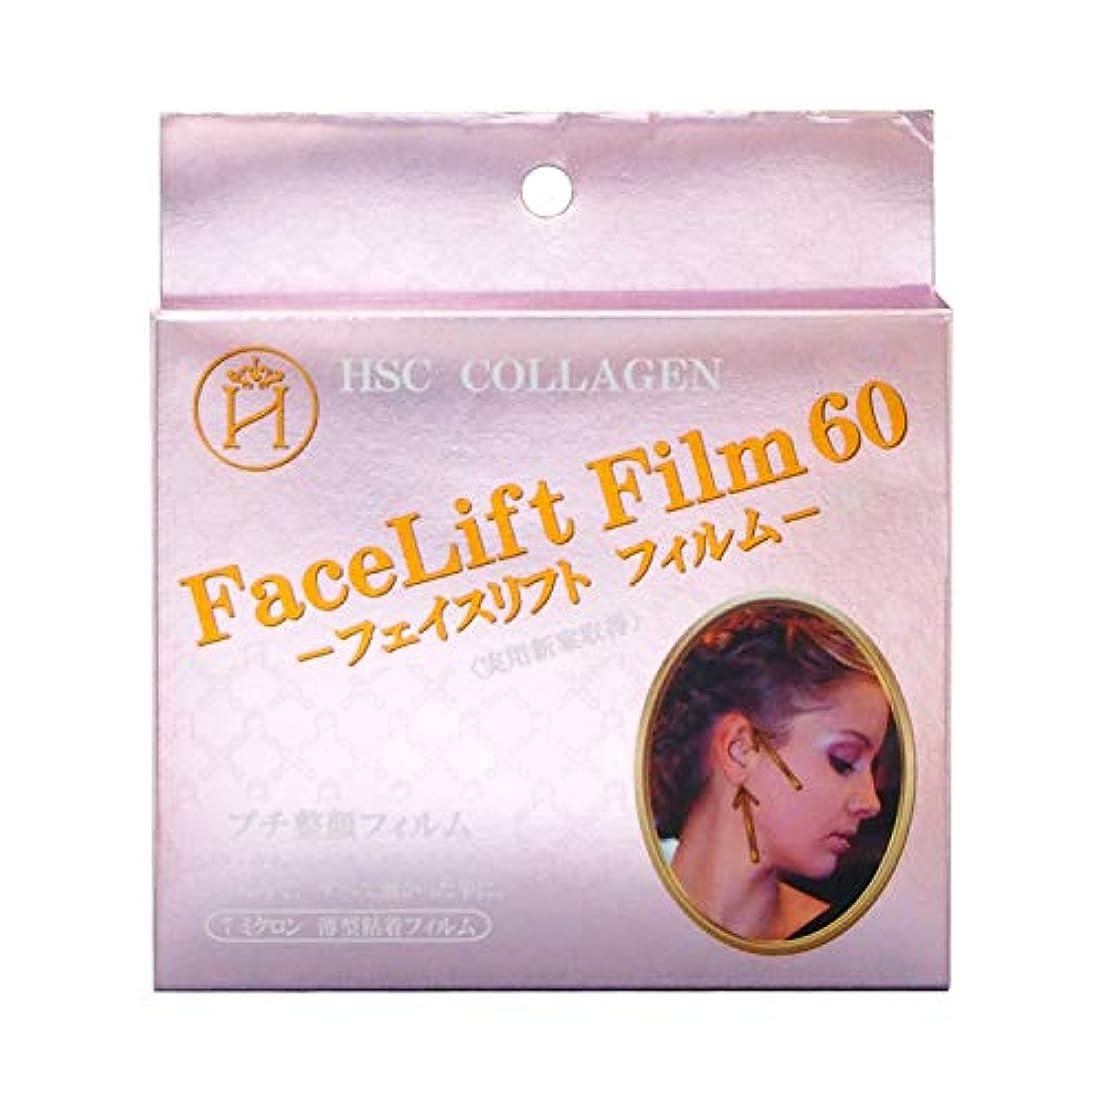 特殊すきシャッターフェイスリフトフィルム60 たるみ テープ 引き上げ 透明 目立たない フェイスライン